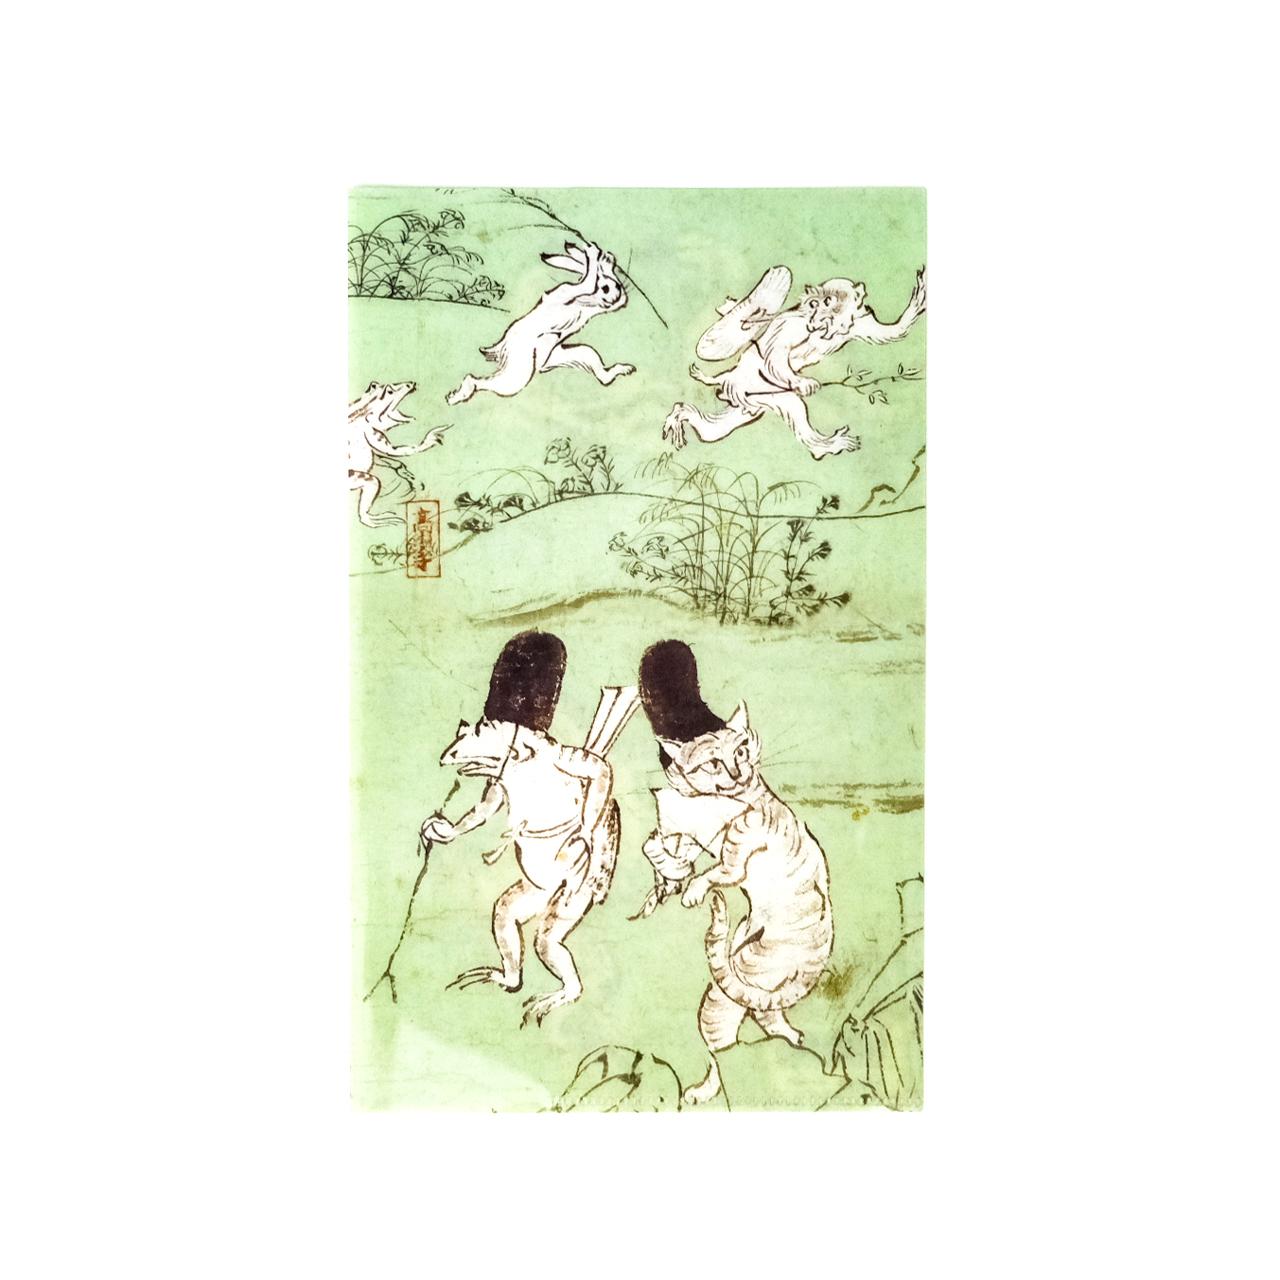 鳥獣戯画 三つ折りファイルねこ 緑